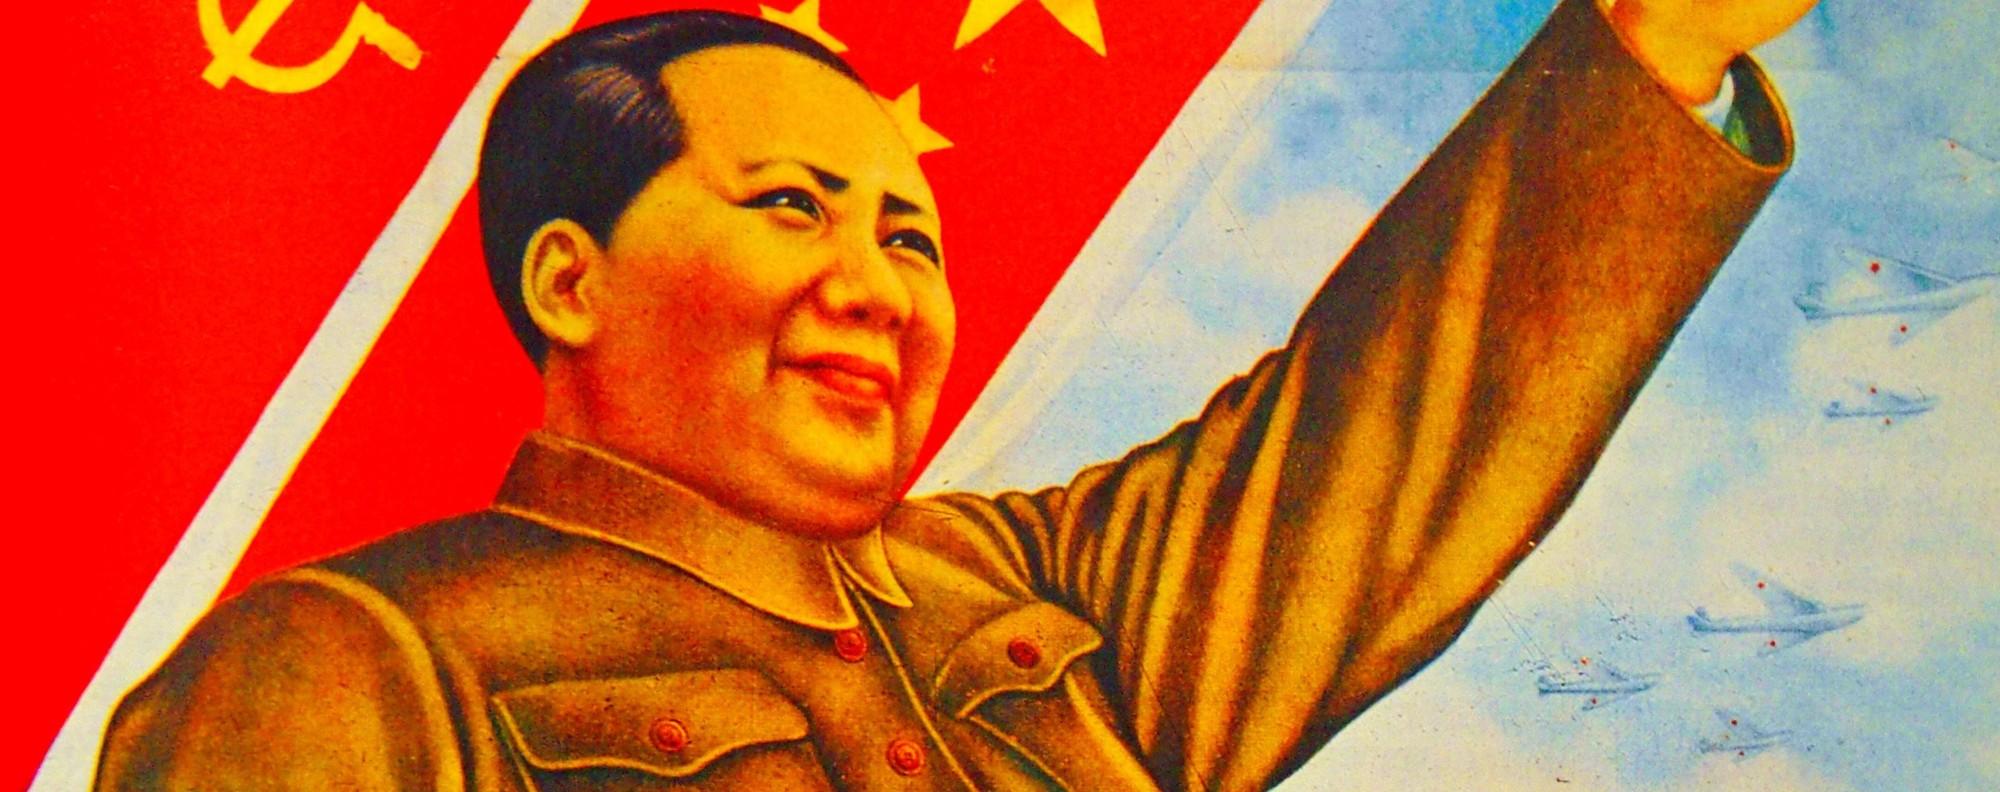 A Mao-era propaganda poster.